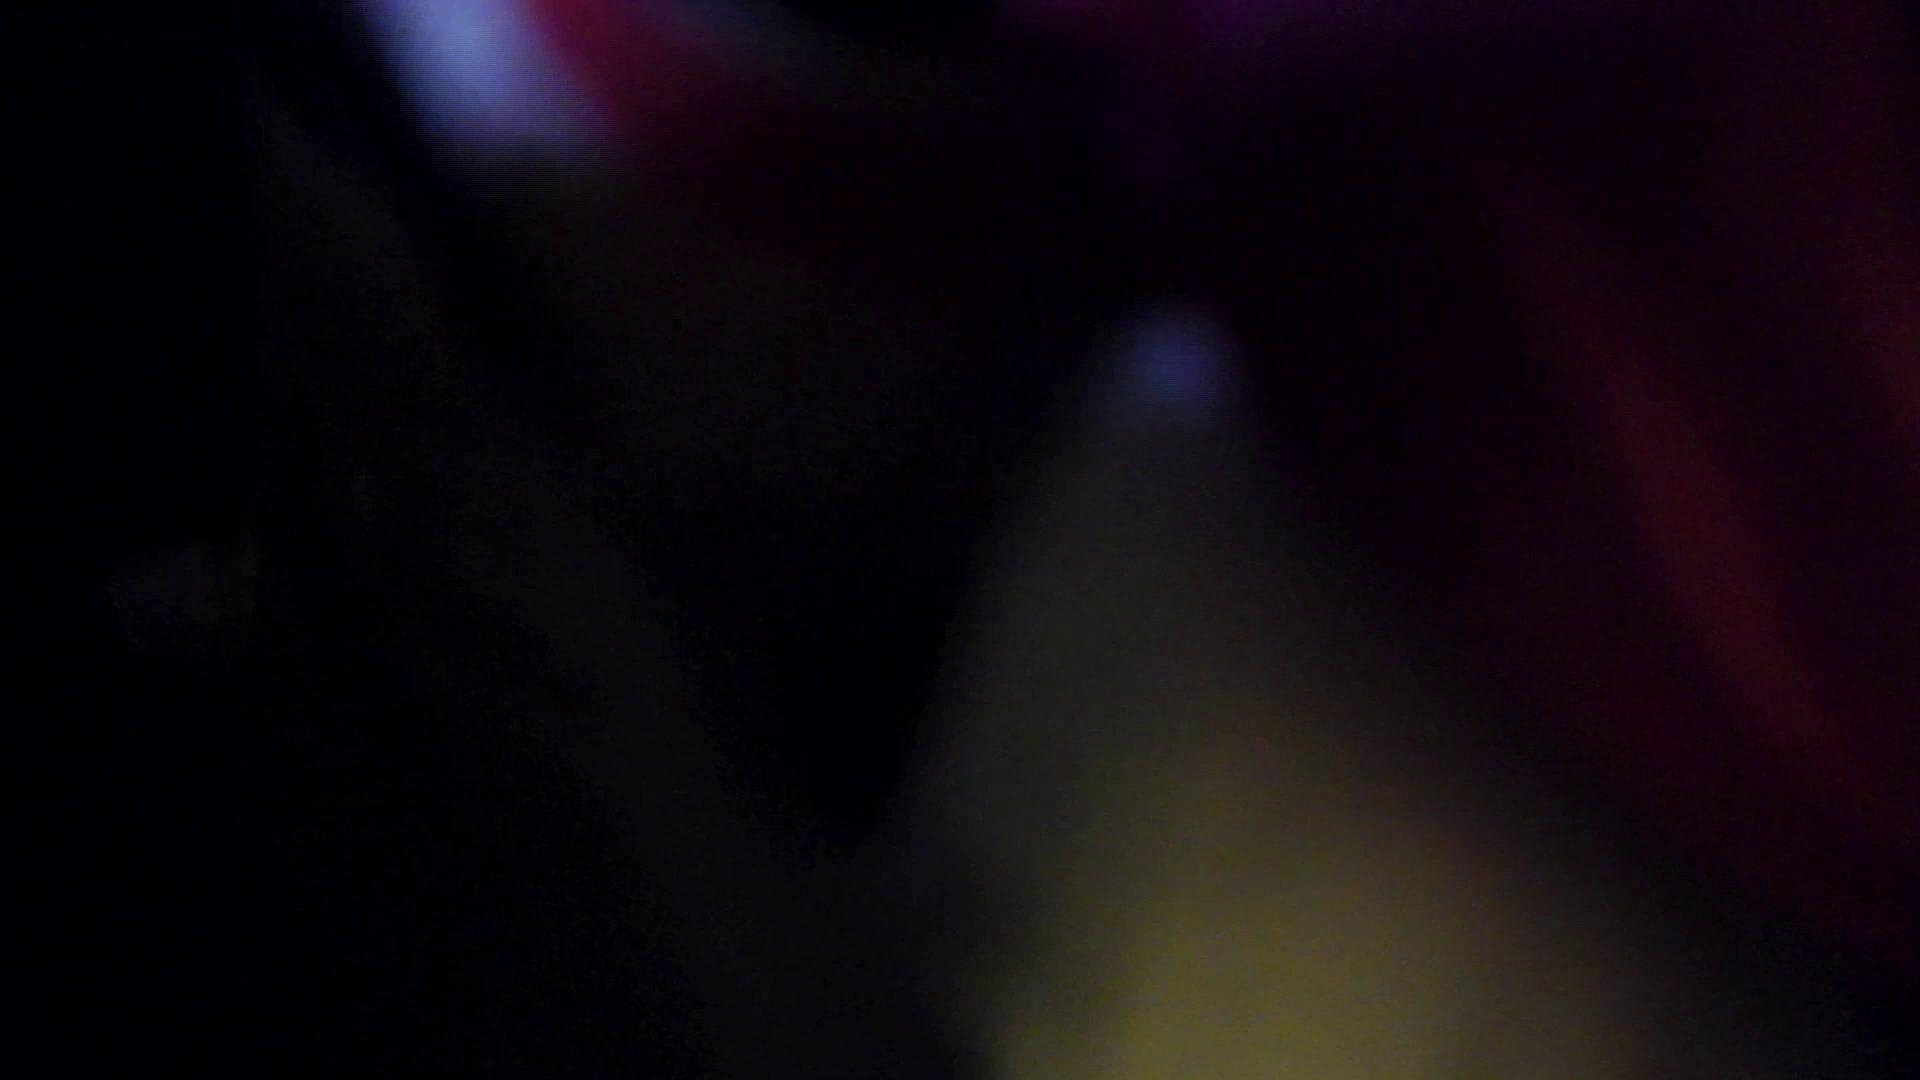 ヒトニアラヅNo.02 姿と全体の流れを公開 オマンコ無修正  47Pix 23